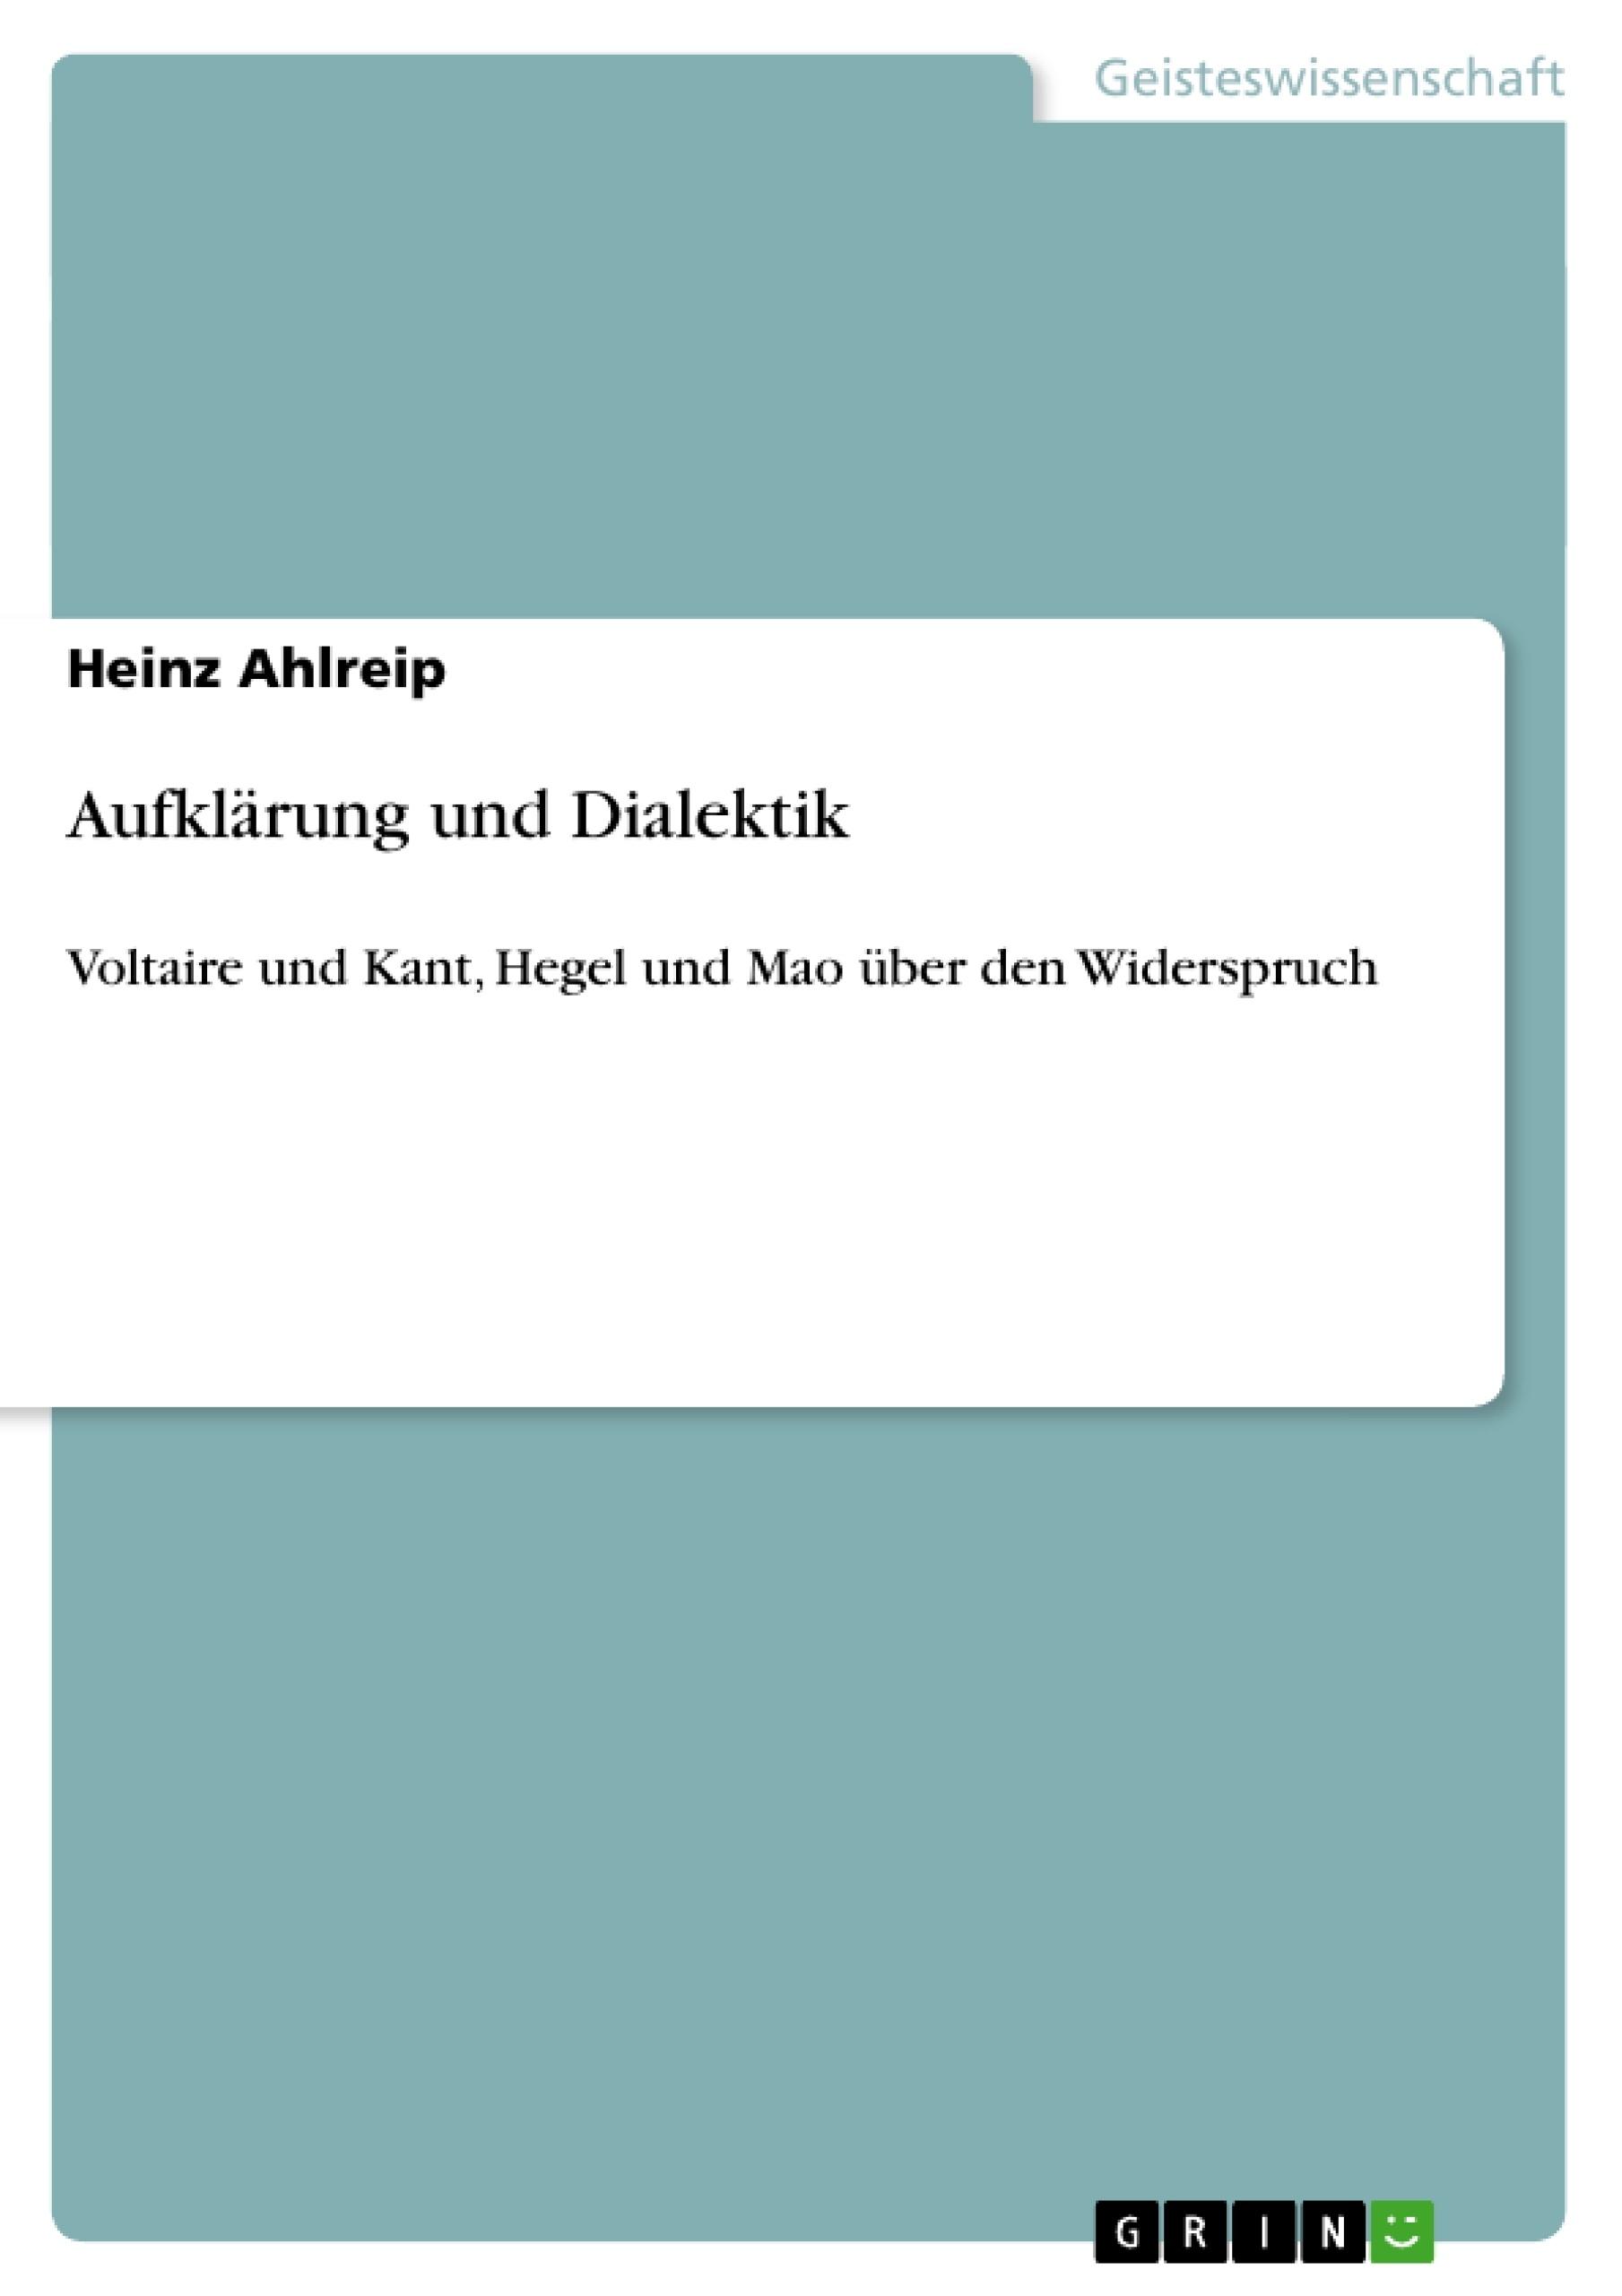 Titel: Aufklärung und Dialektik